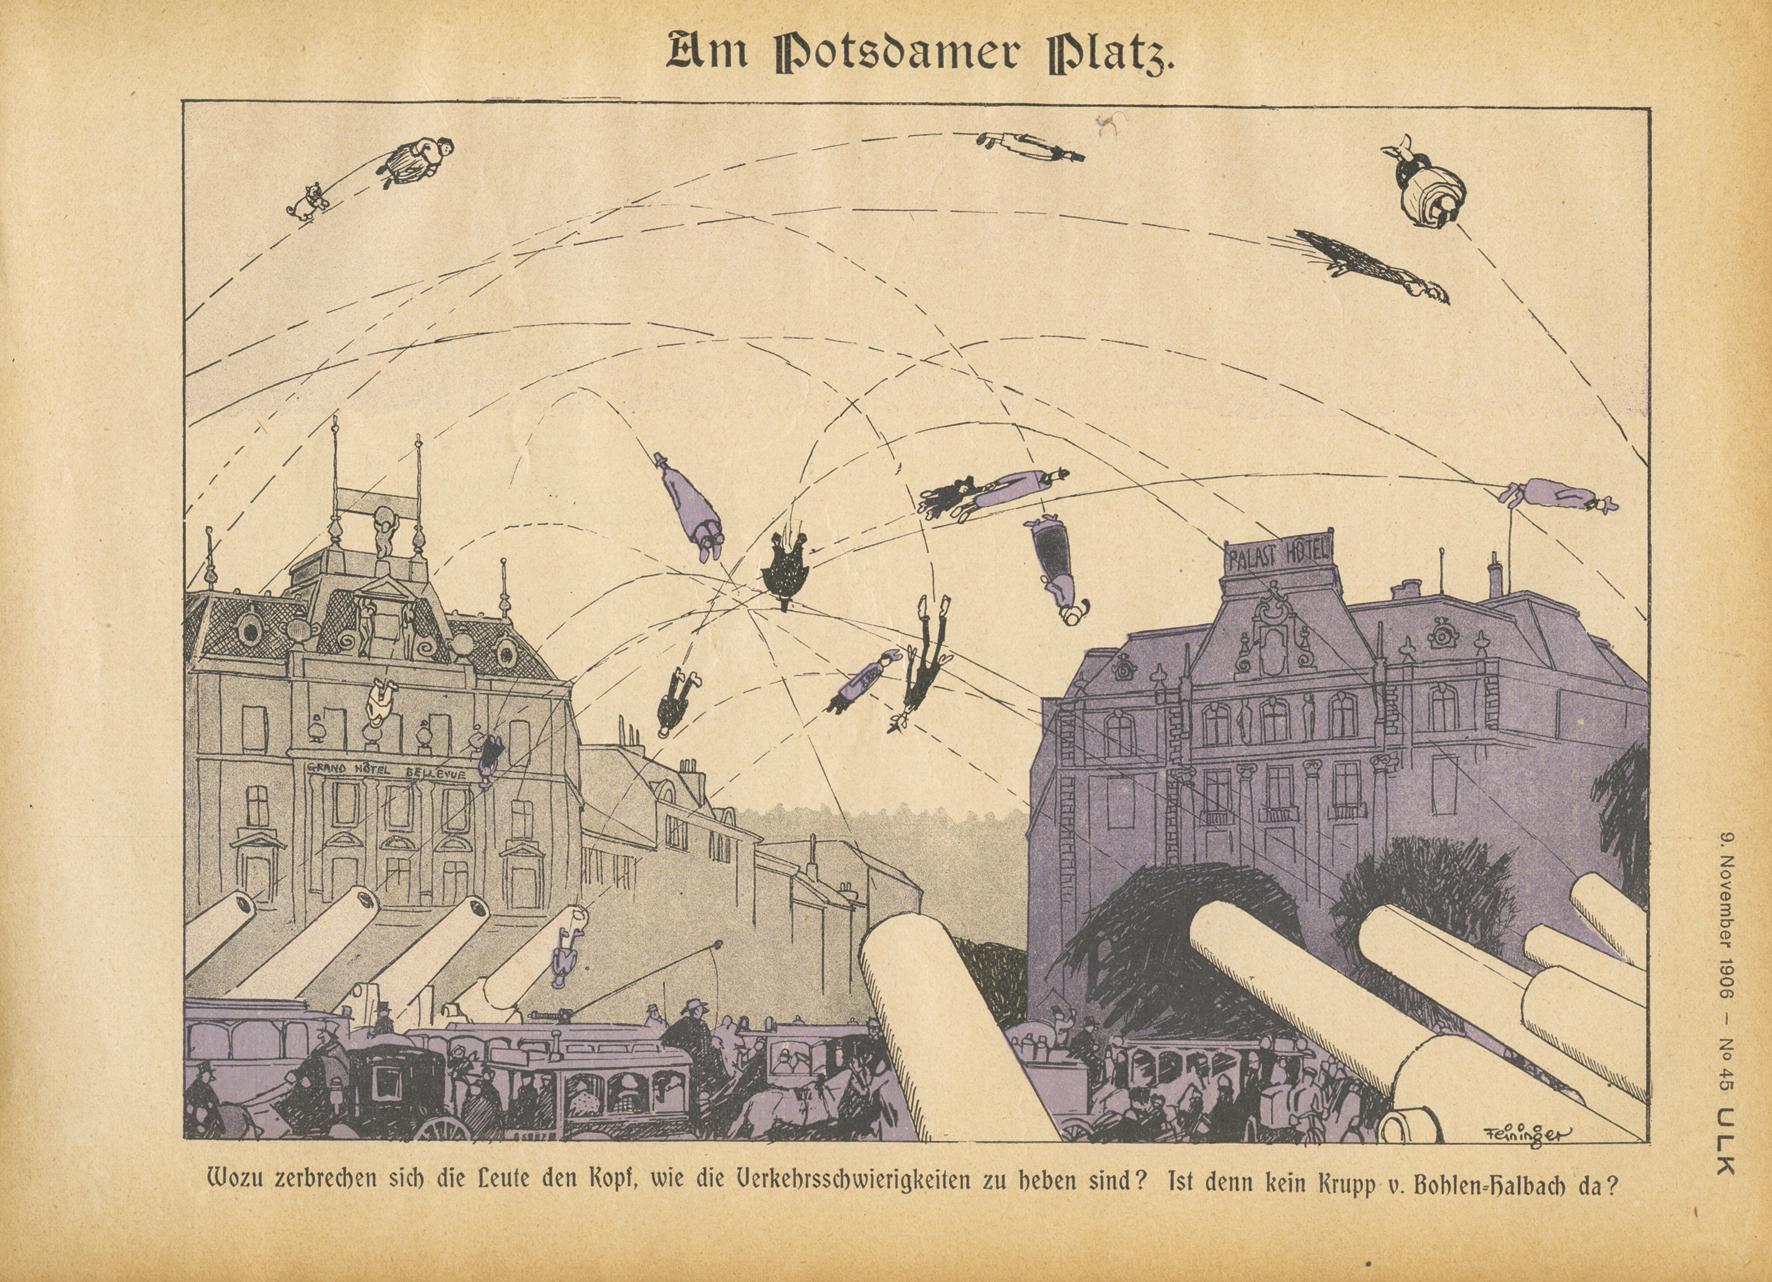 Lyonel Feininger, Am Potsdamer Platz, 1906, Zeitungsdruck, 22,5 x 30 cm, in: Ulk, 15. Jg., 9. November 1906, Nr. 45, S. 3, Privatsammlung © VG Bildkunst Bonn